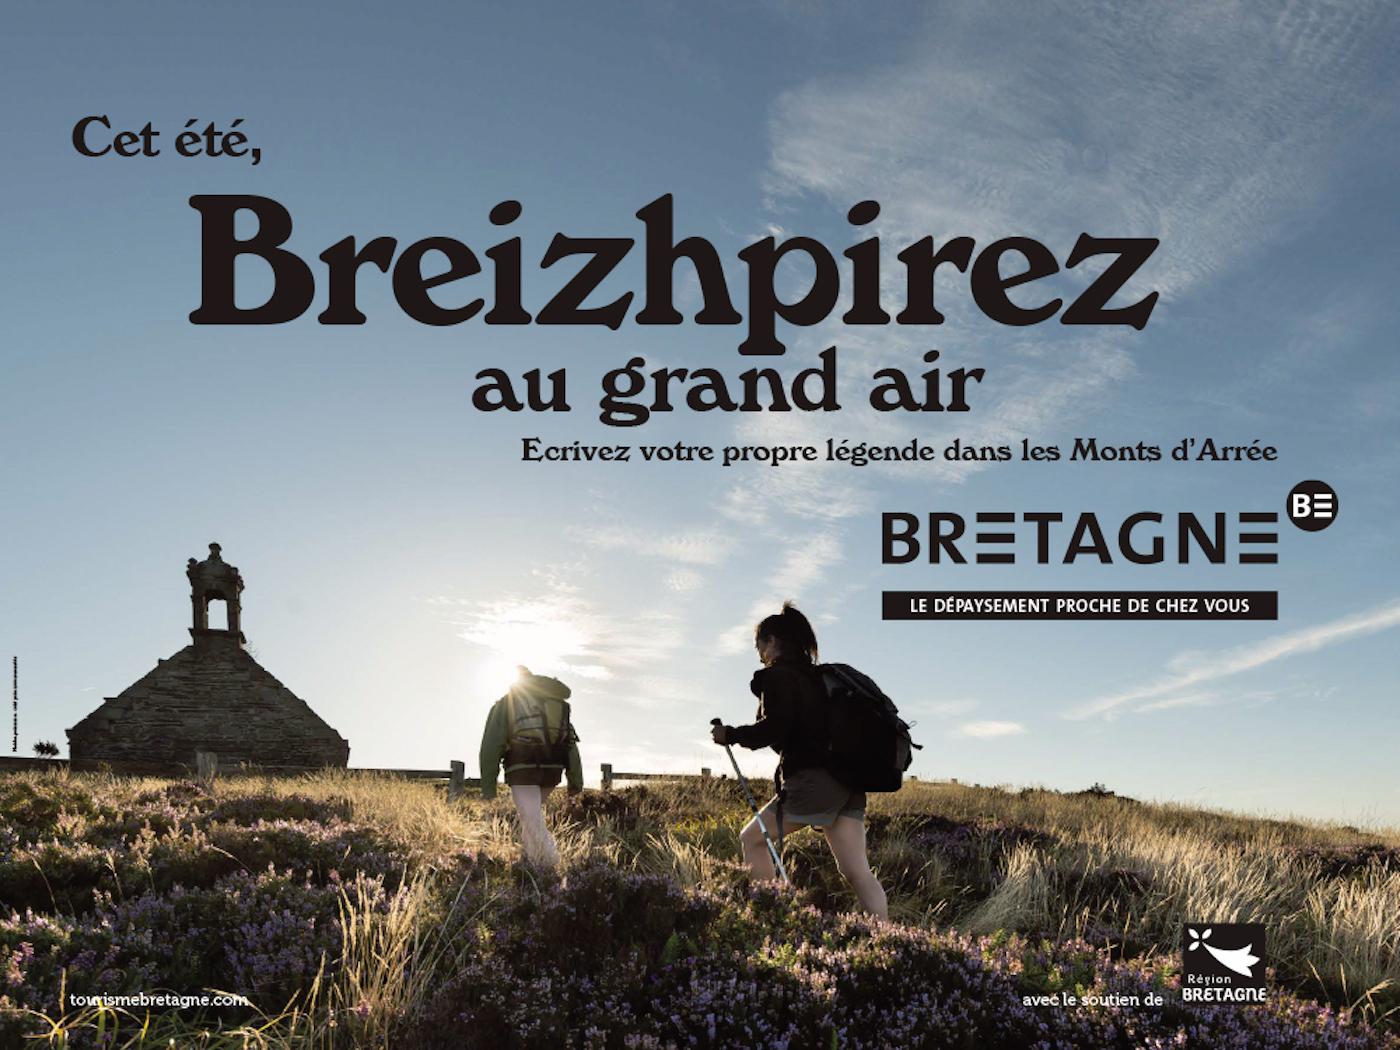 Breizhpirez : la campagne de pub pour le tourisme en Bretagne